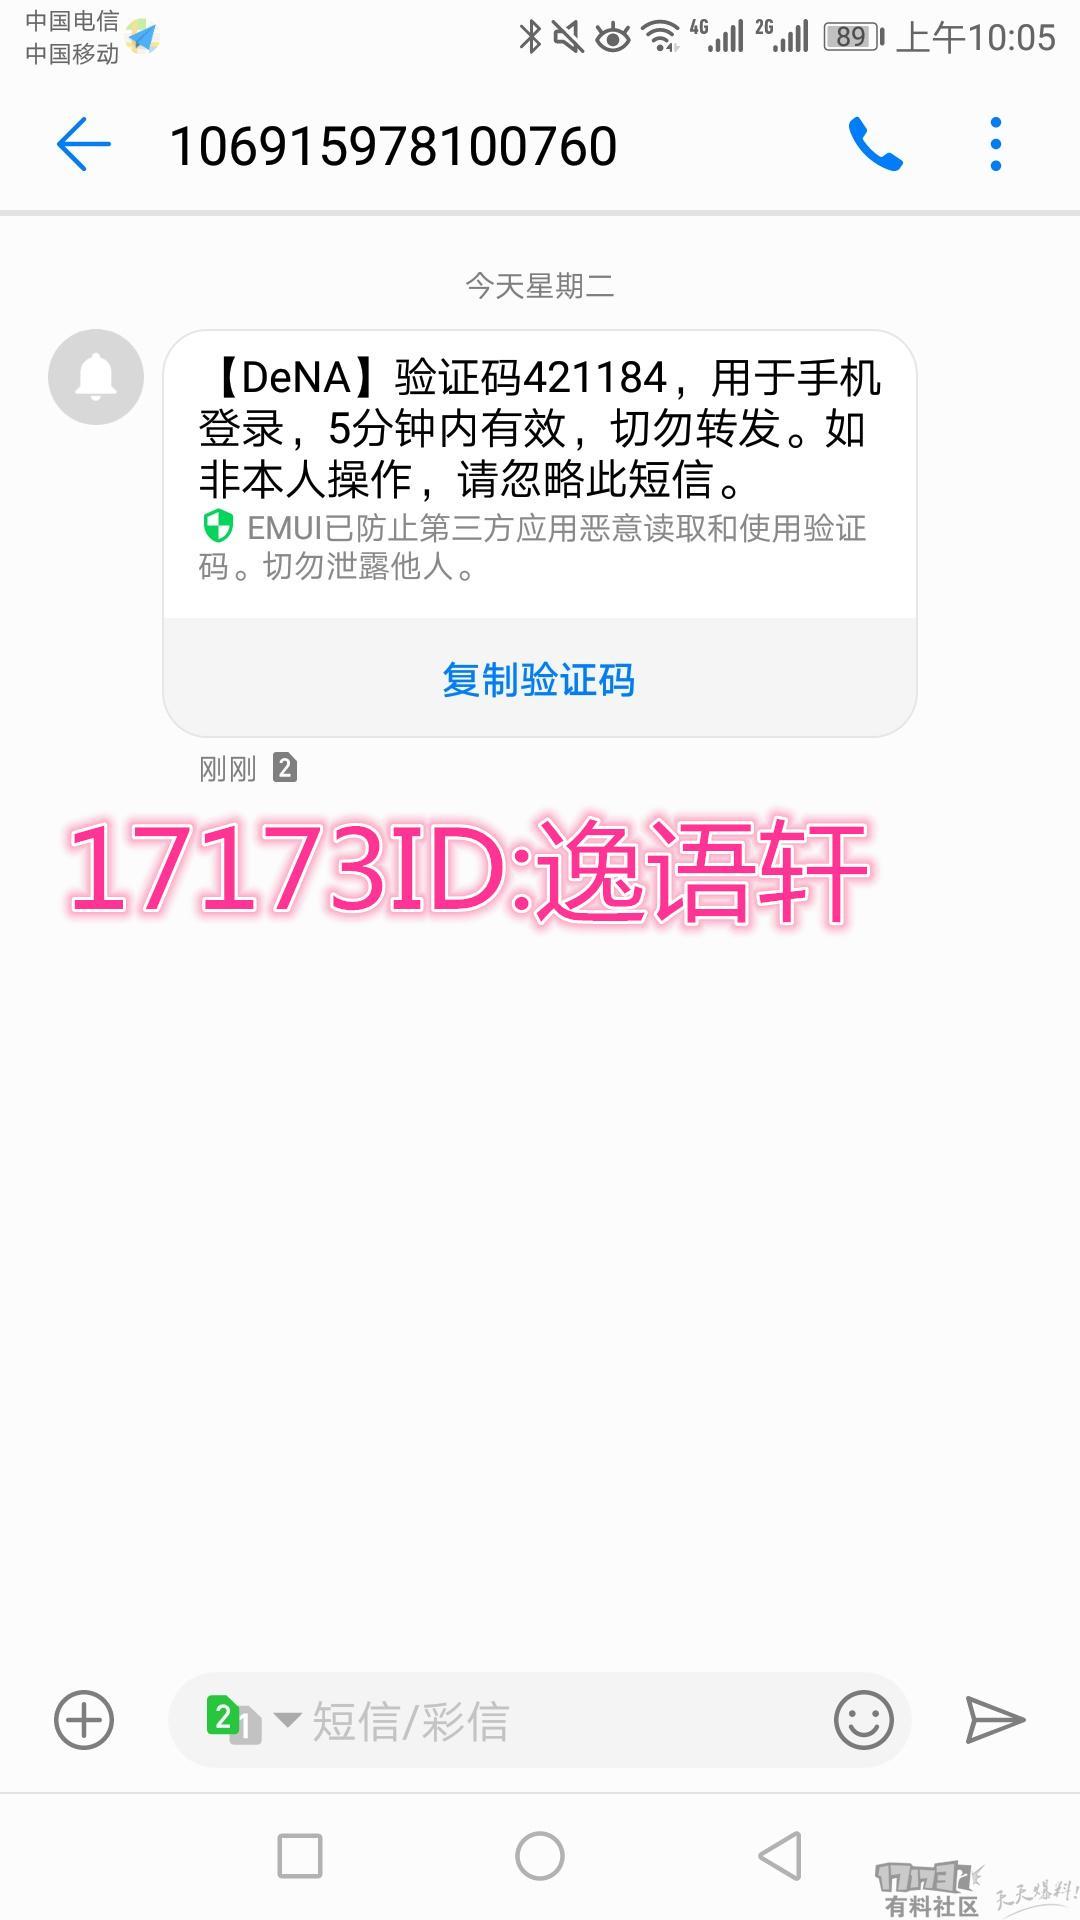 Screenshot_20181127-100515_副本.jpg